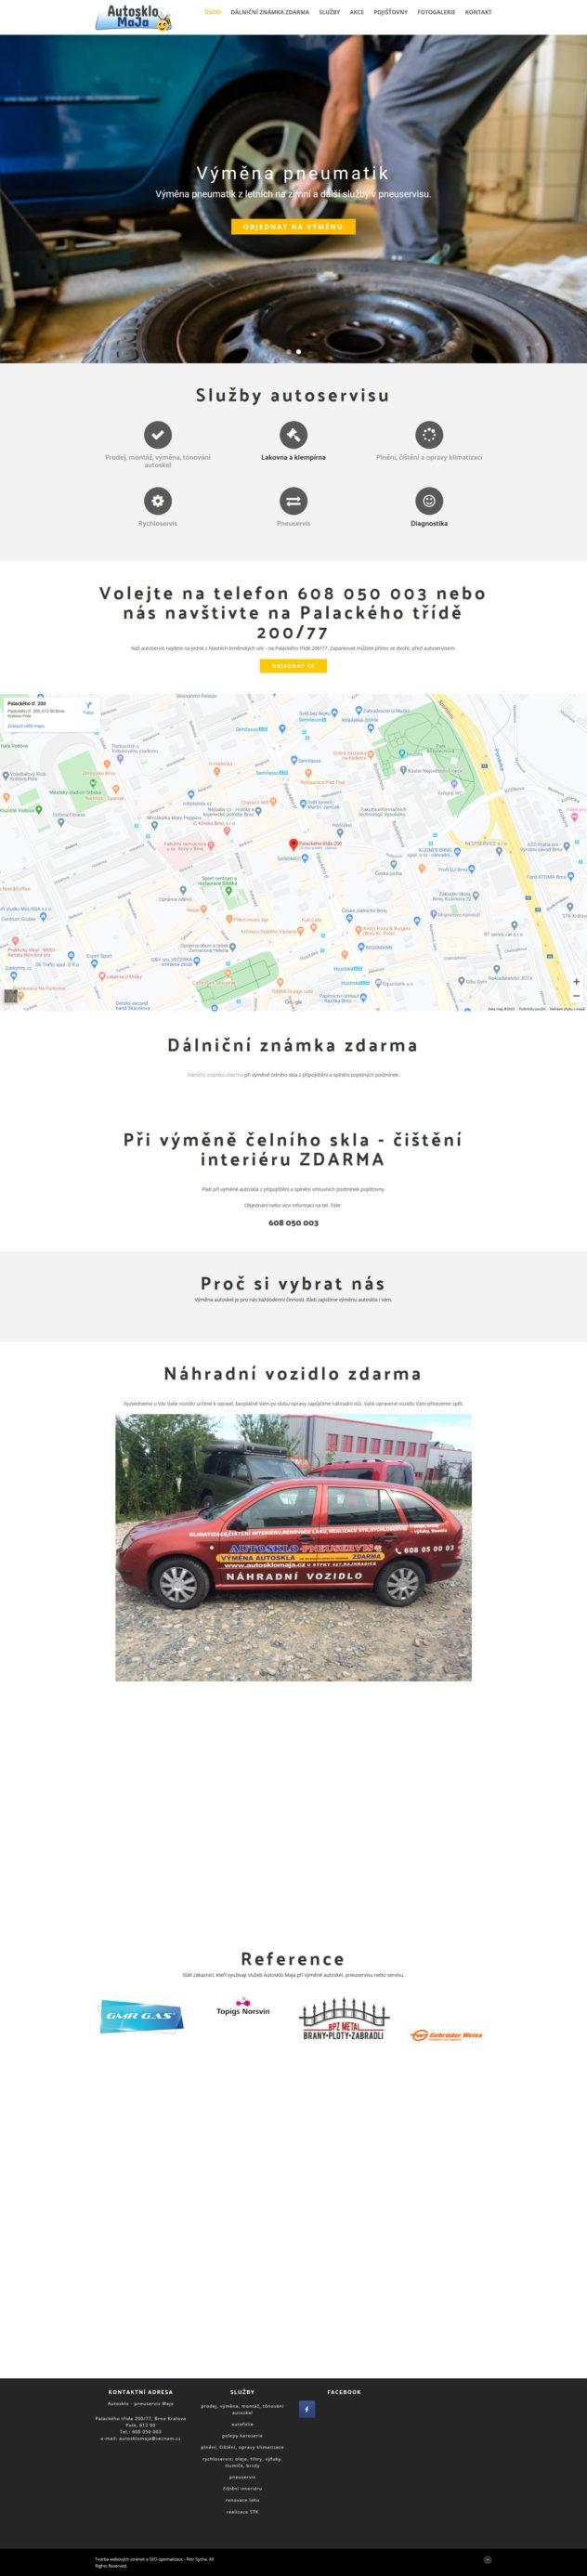 Autosklo Maja Brno-montáž a výměna autoskel všech aut